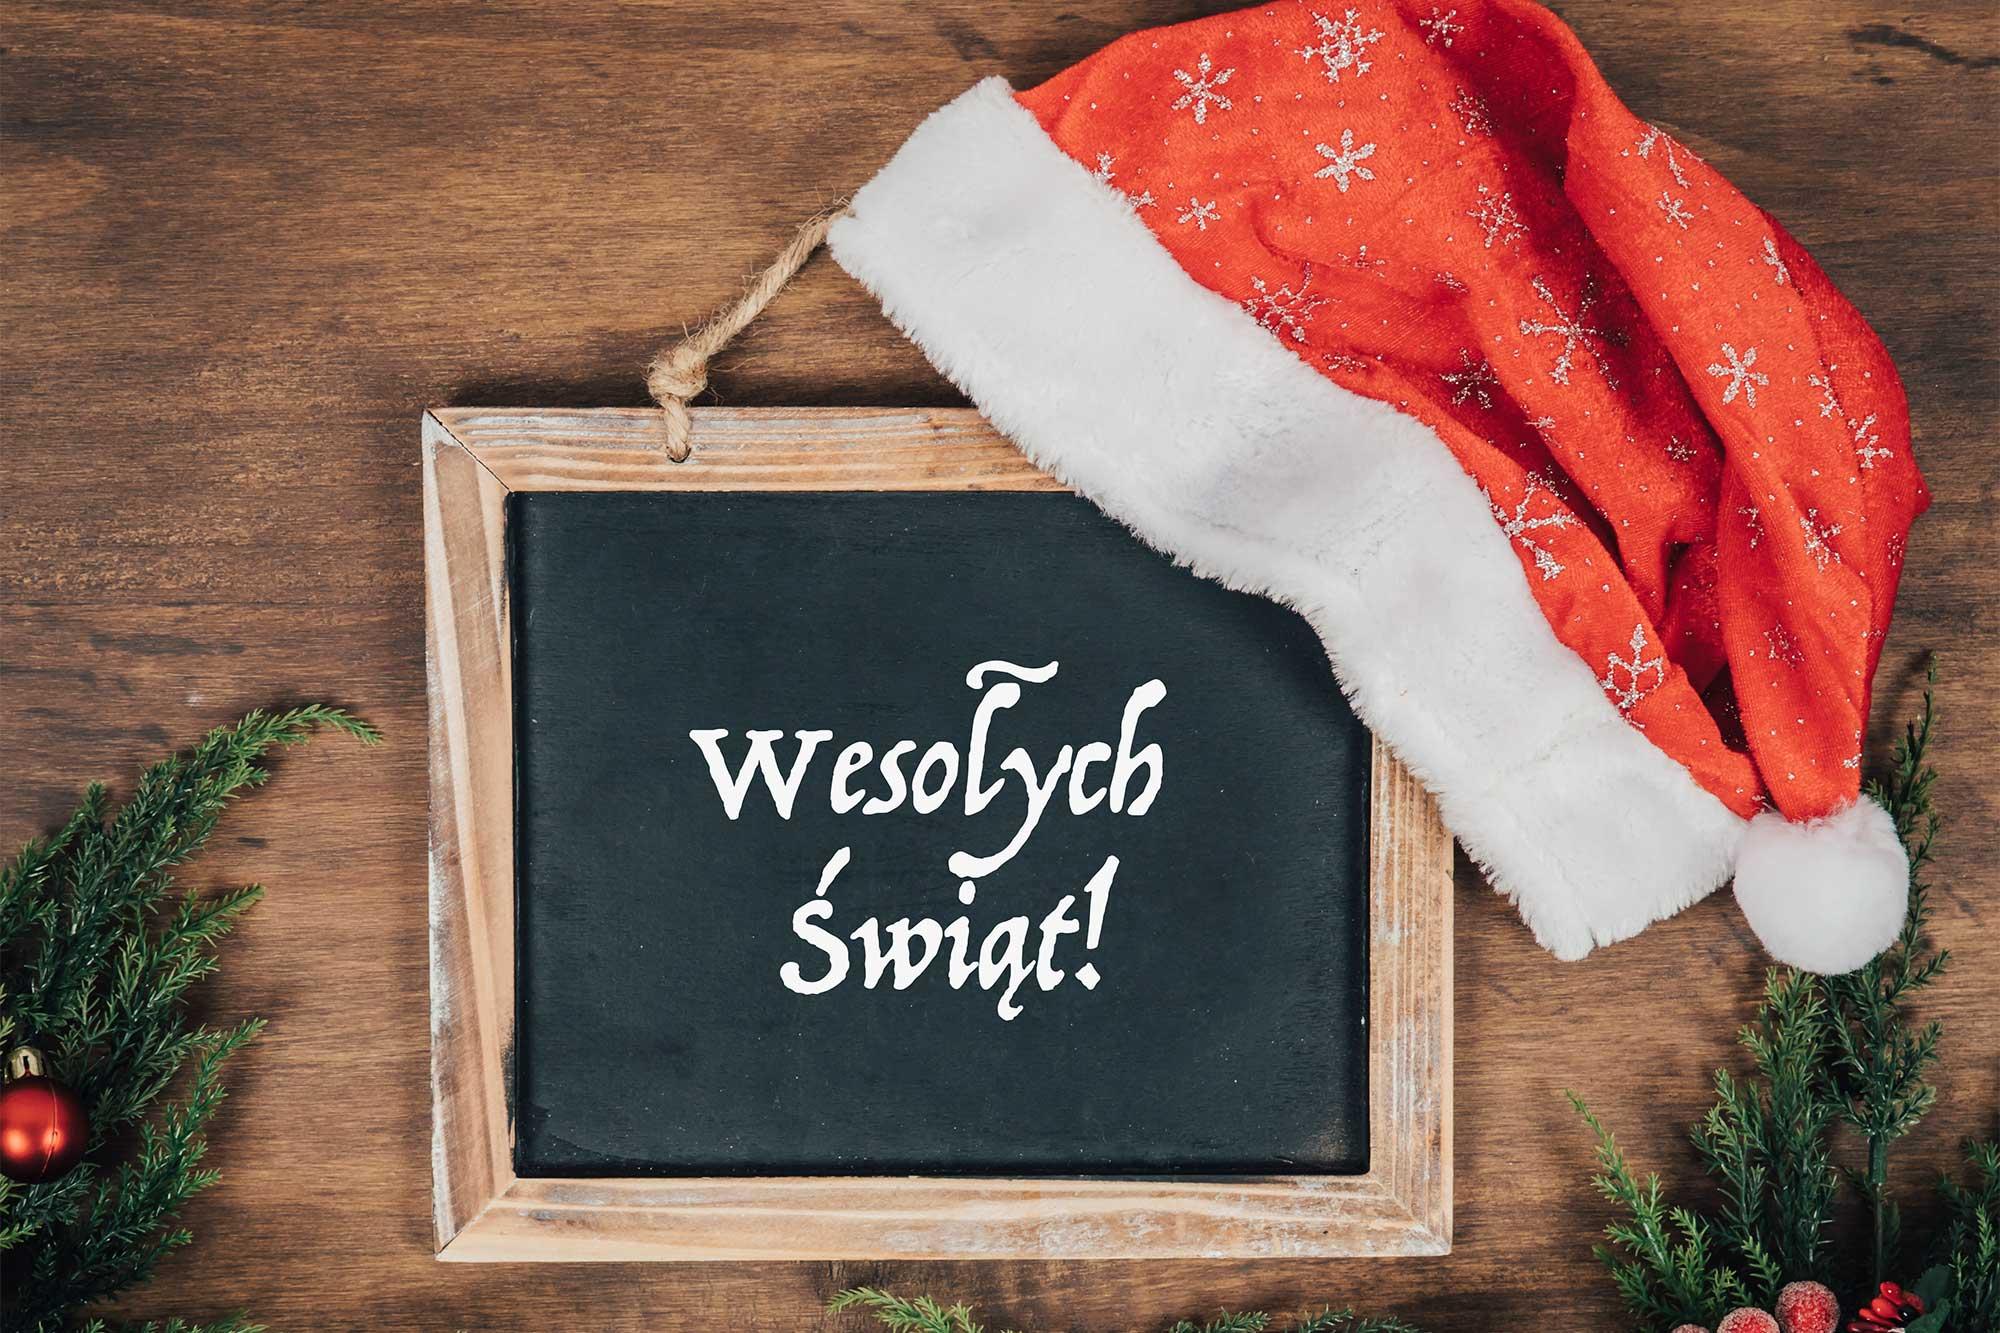 Najlepsze życzenia świąteczne od Hufca Poznań-Grunwald